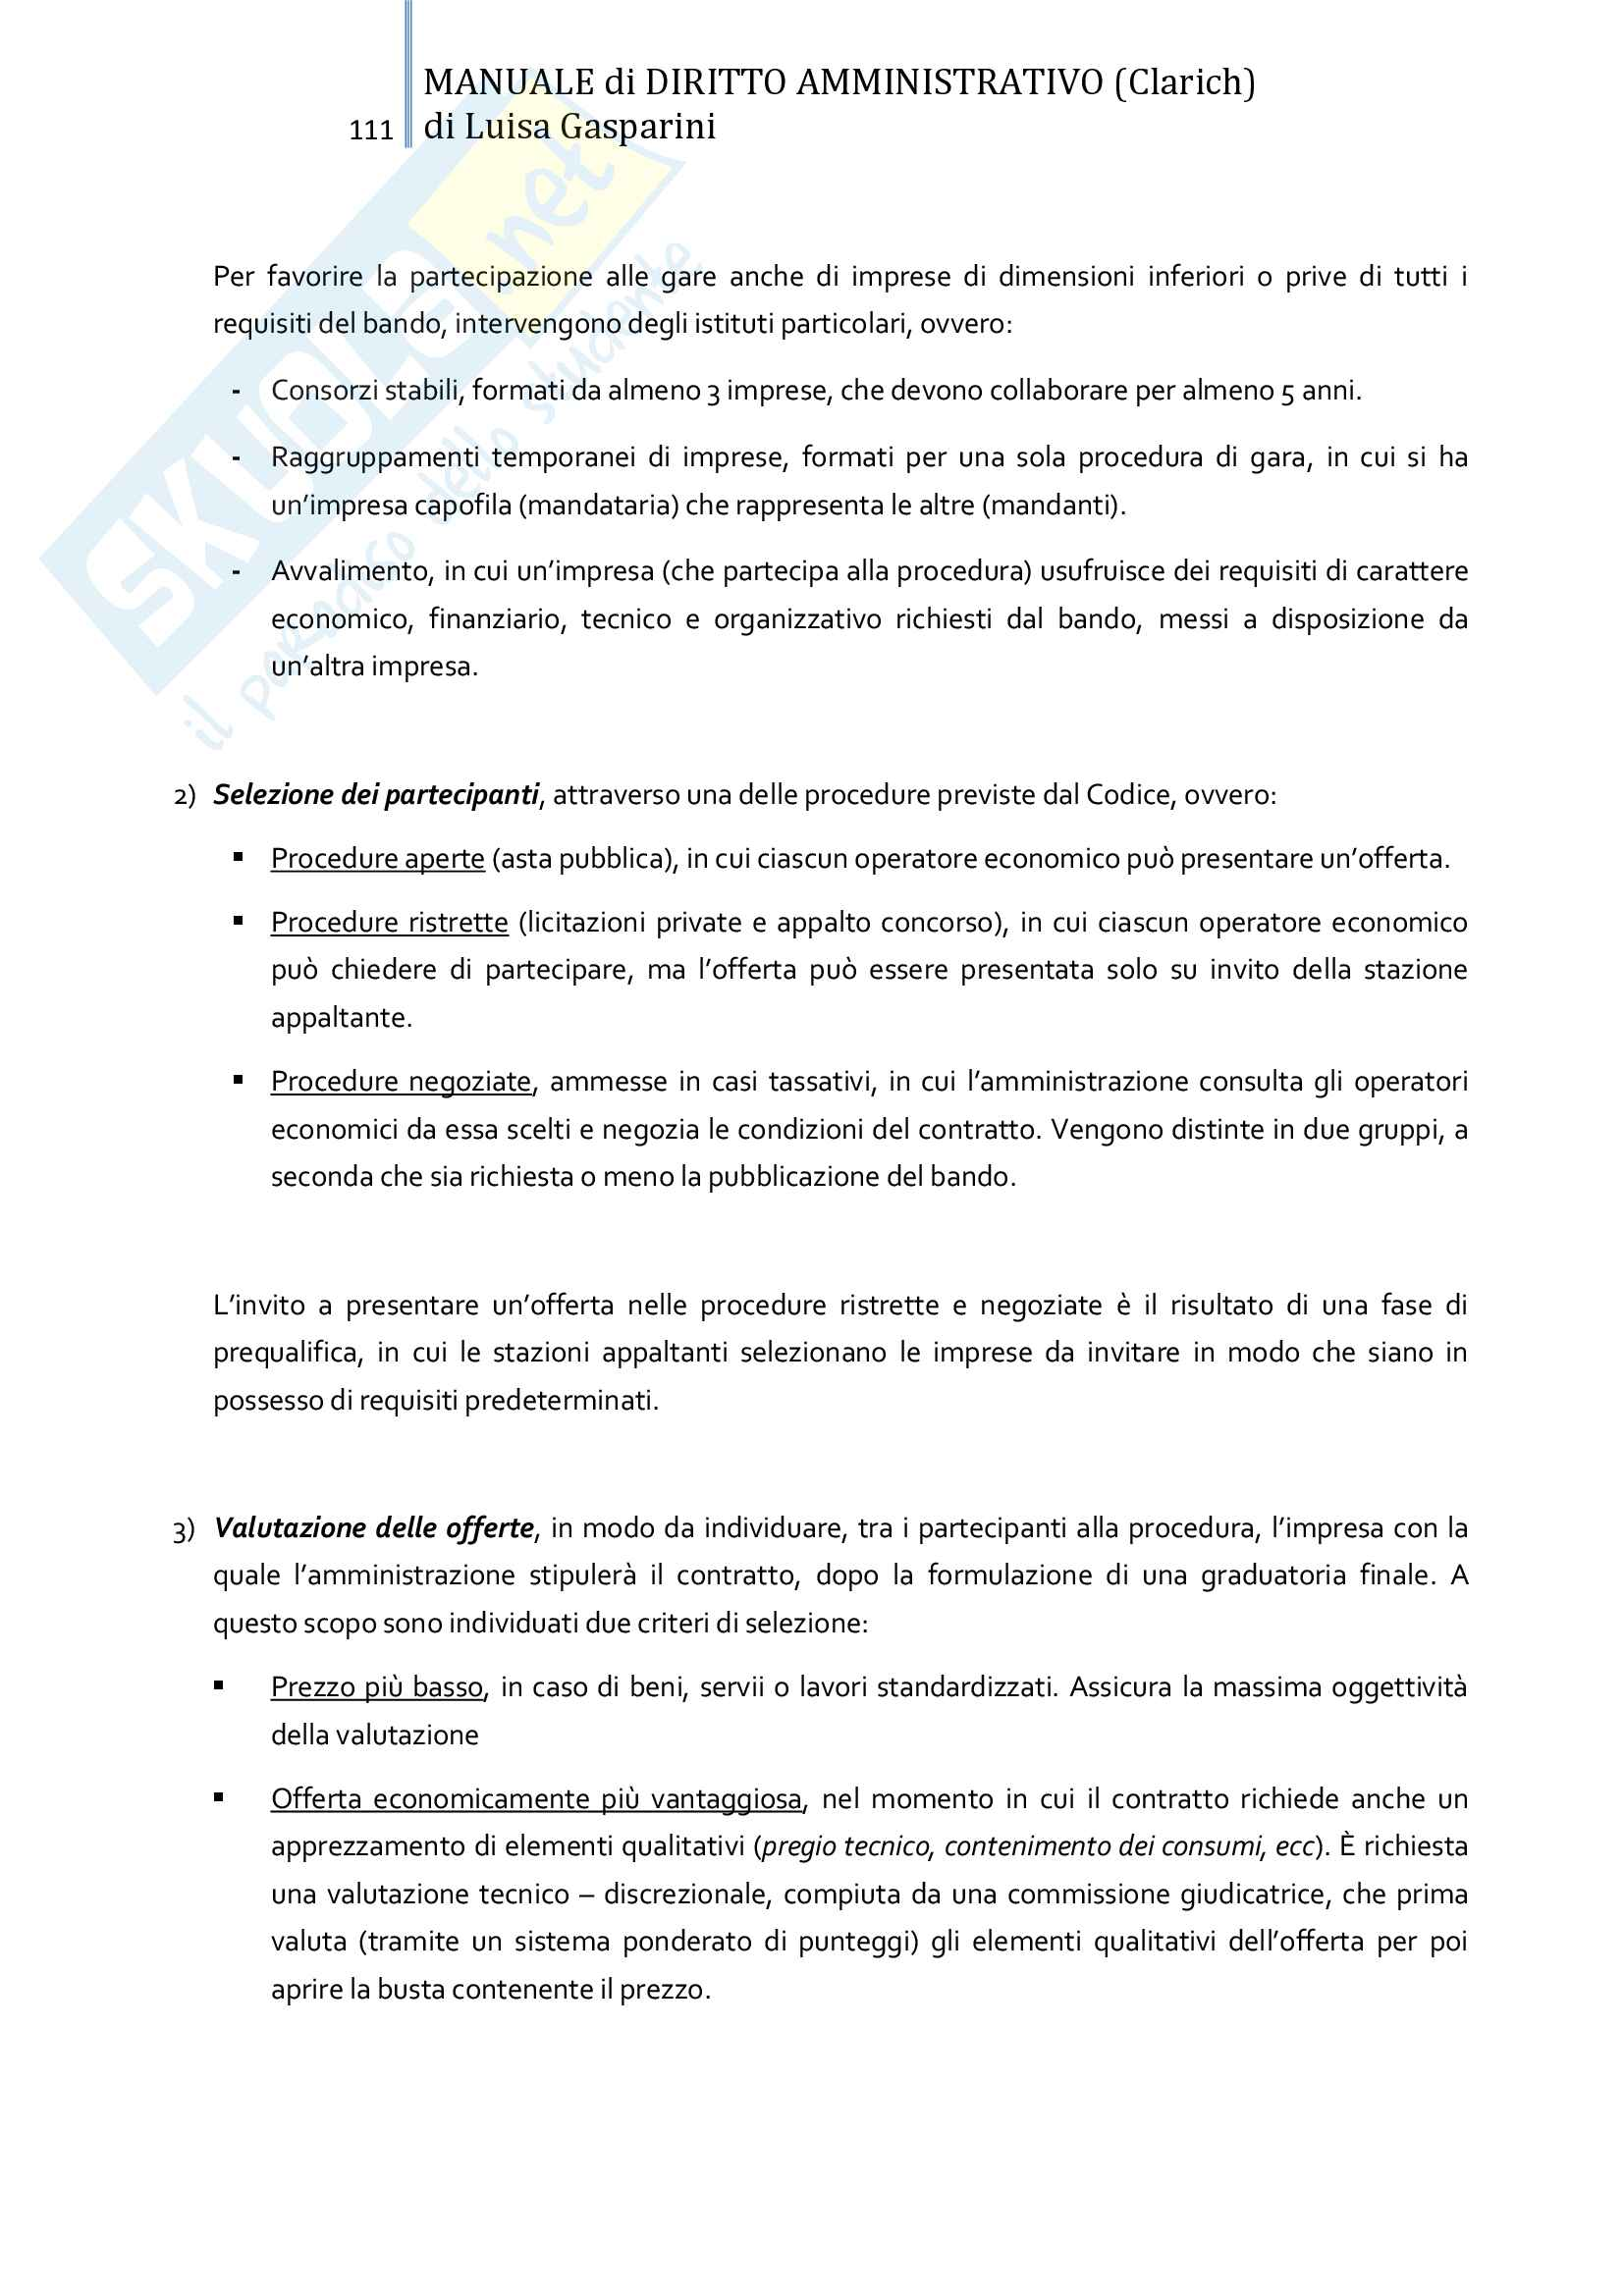 Riassunto esame Diritto amministrativo, professor Leonardi. Testo consigliato Manuale di Diritto Amministrativo, Clarich Pag. 111